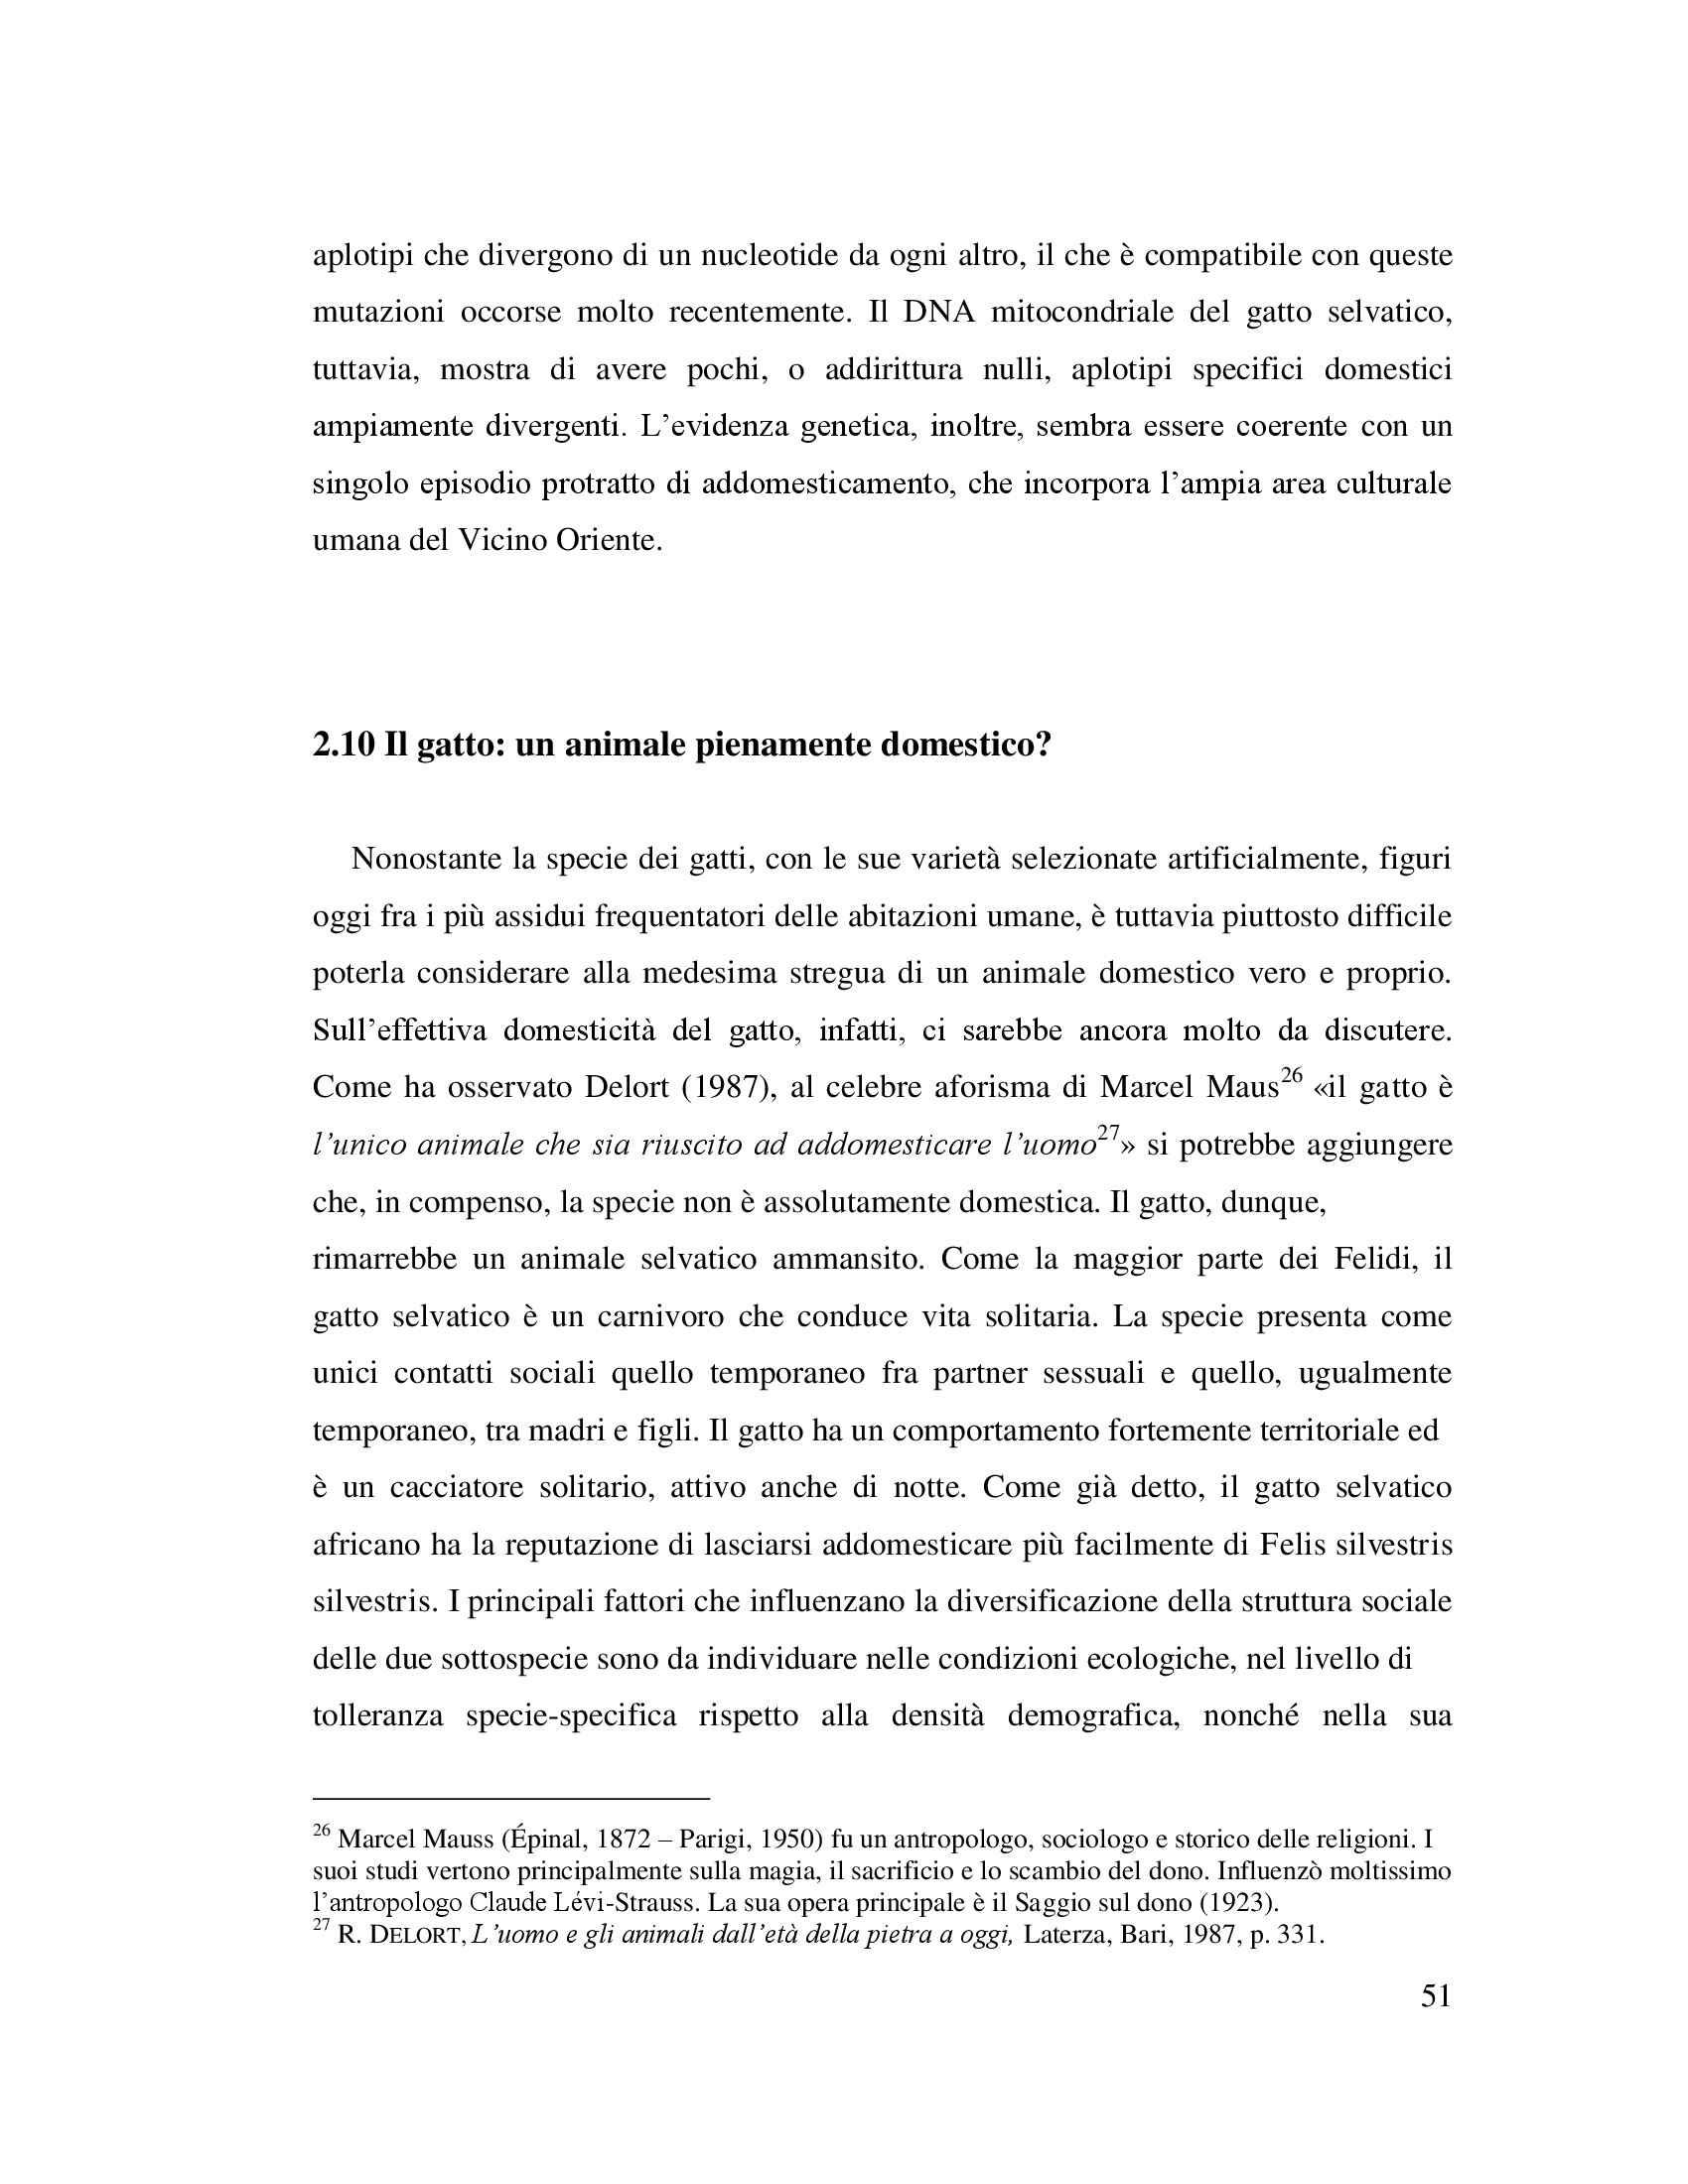 Tesi - Origini ed evoluzione del gatto domestico nel Mediterraneo Pag. 51